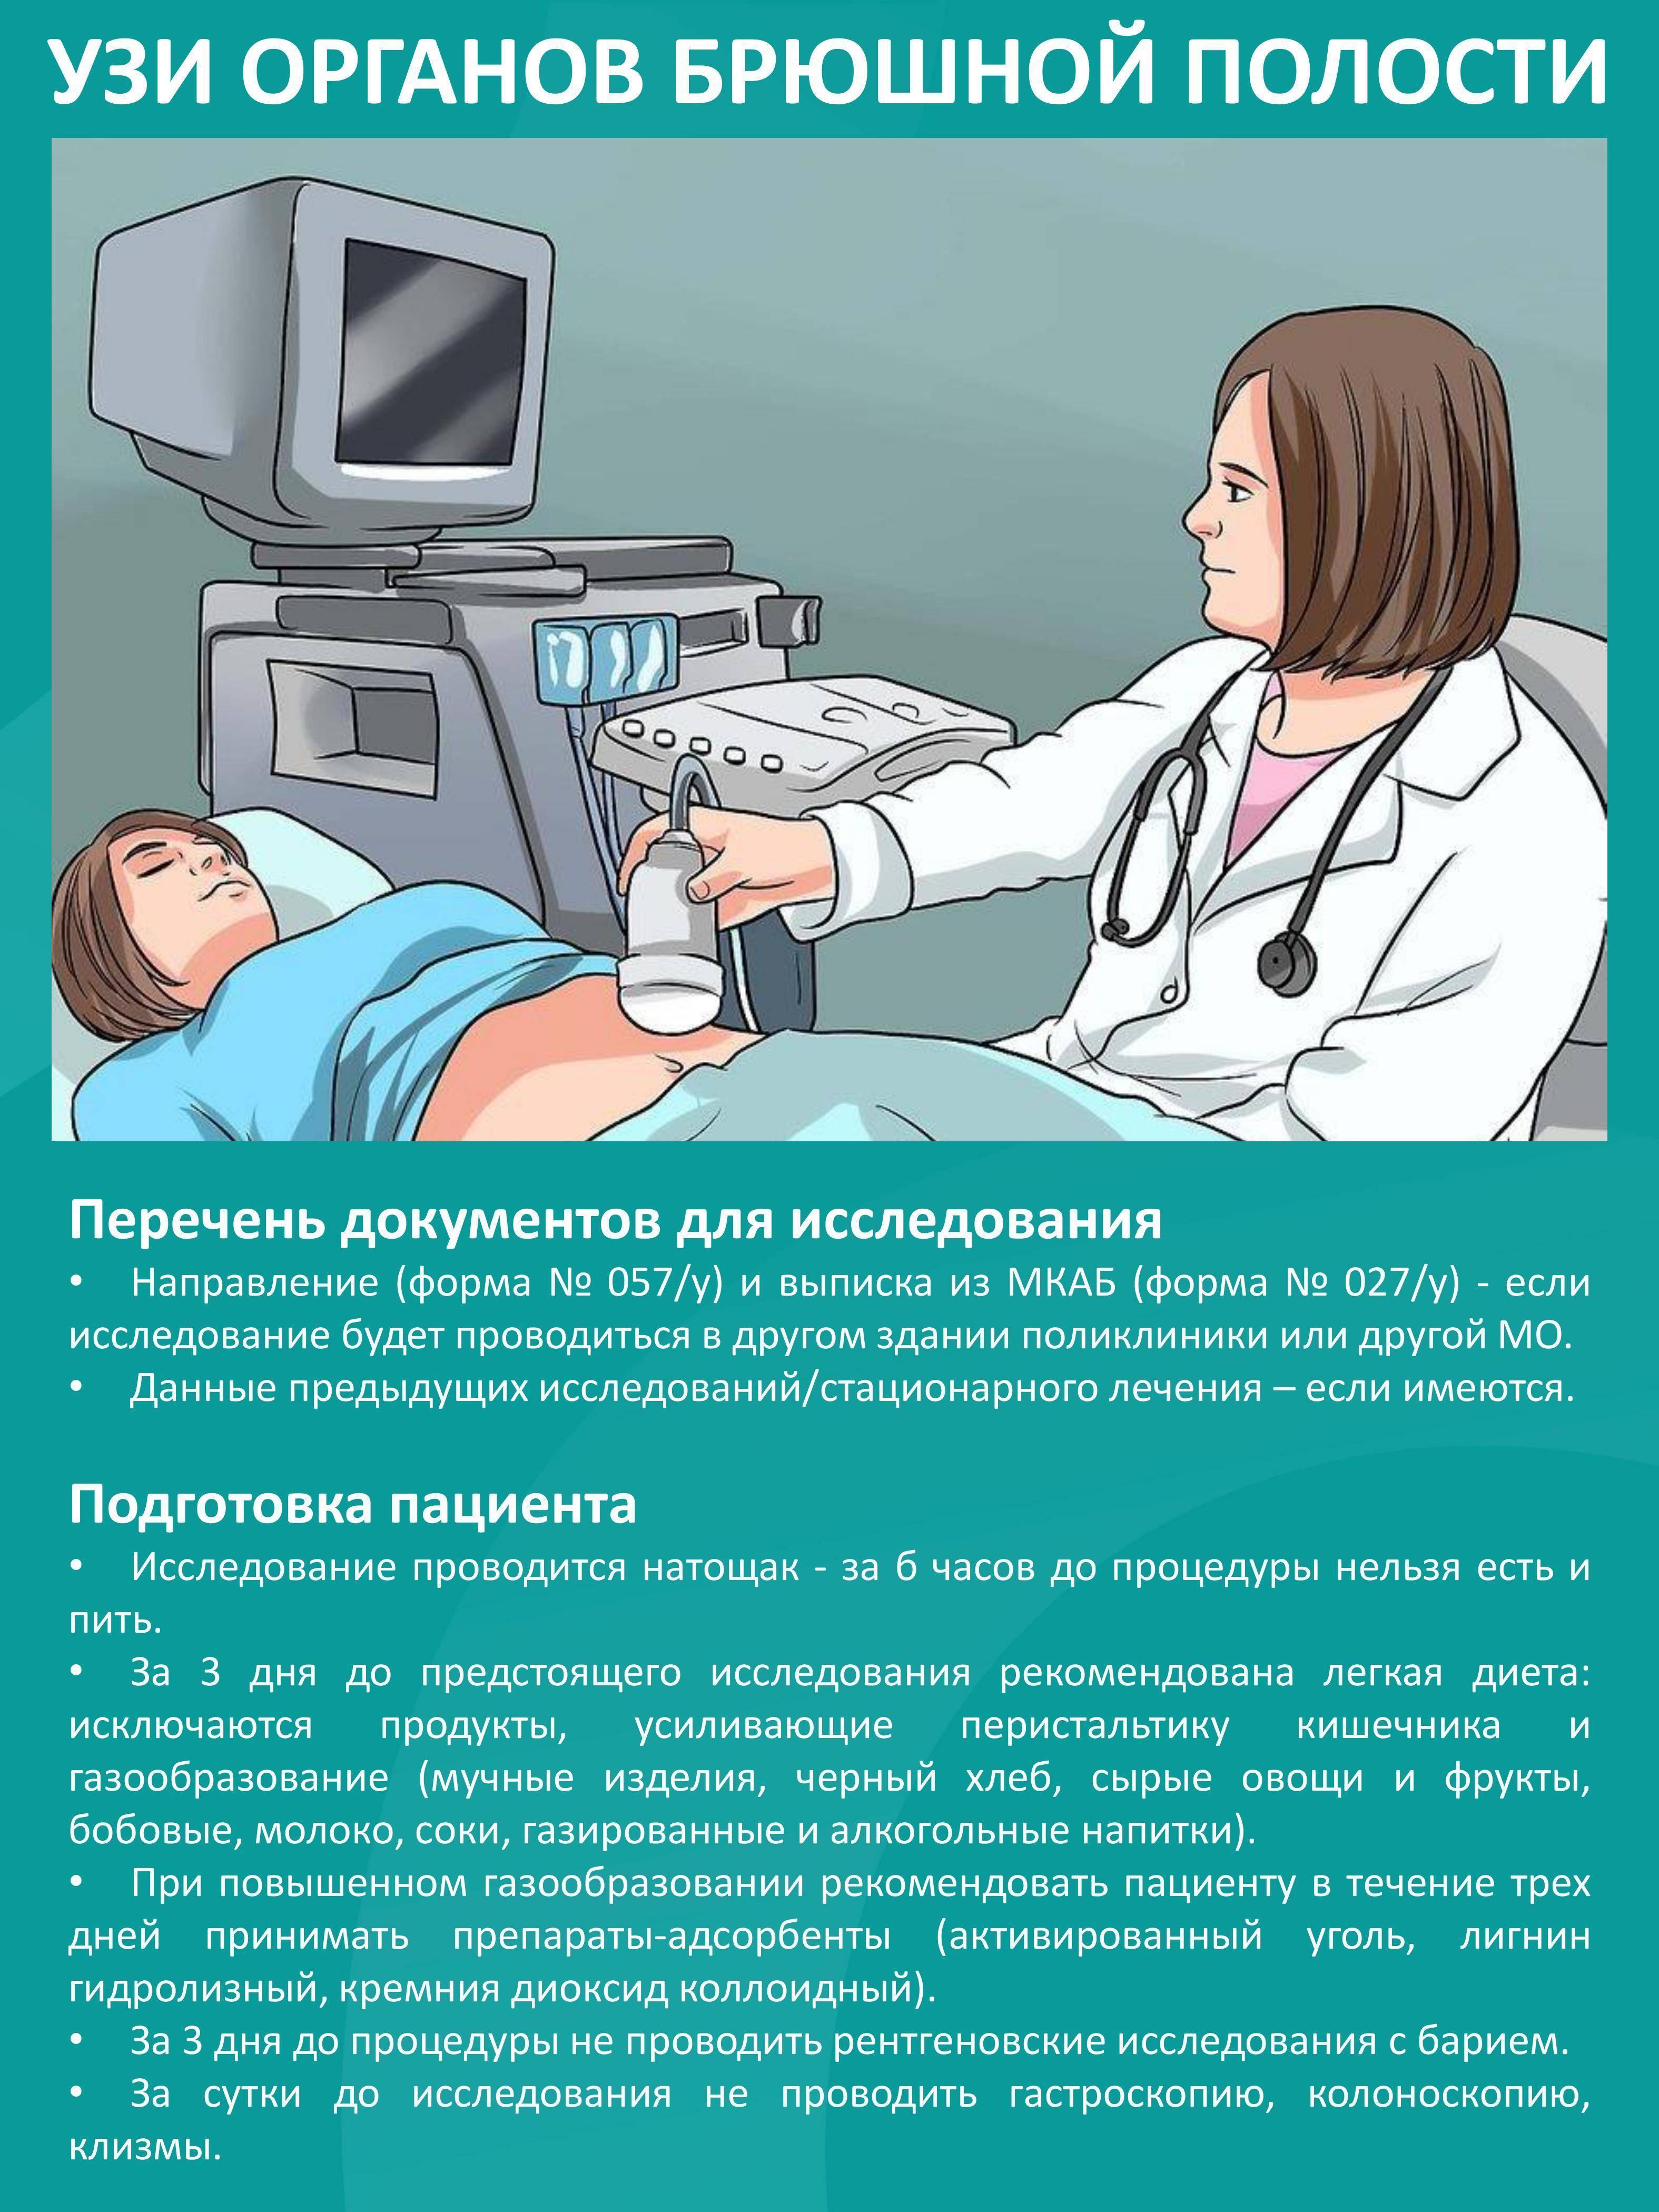 Можно ли беременным делать узи брюшной полости | tsitologiya.su